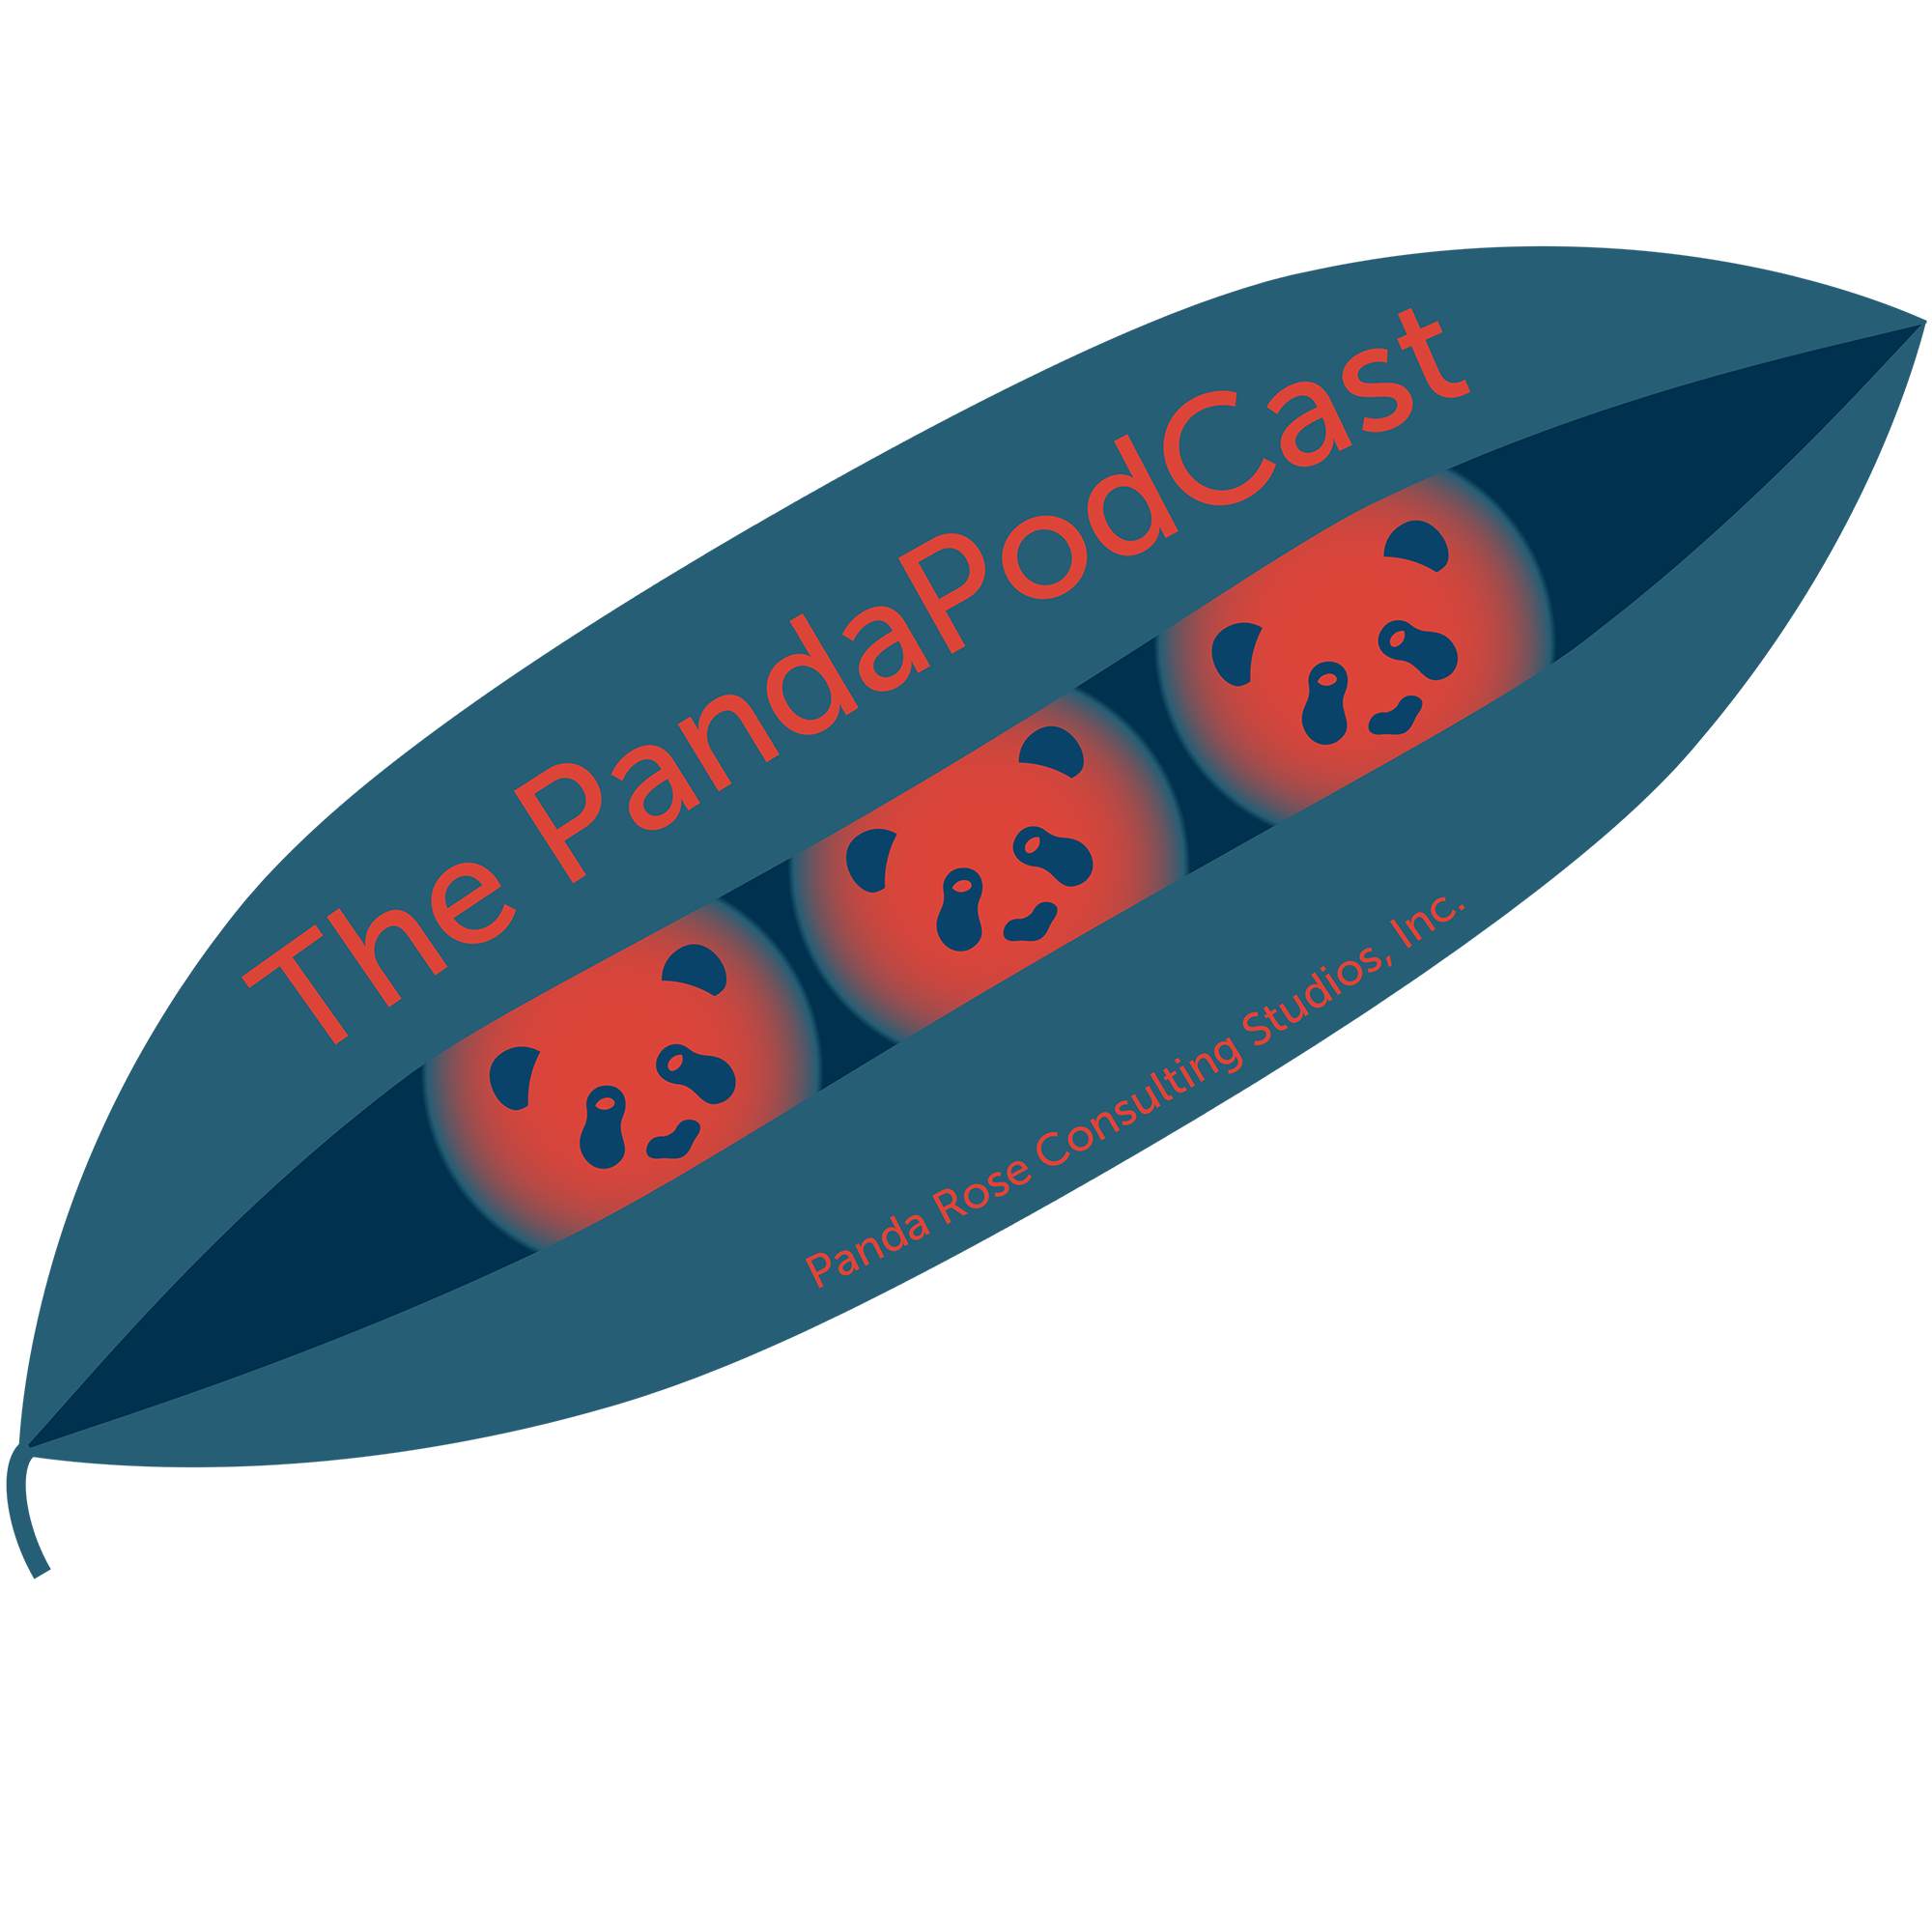 PandaPodCast